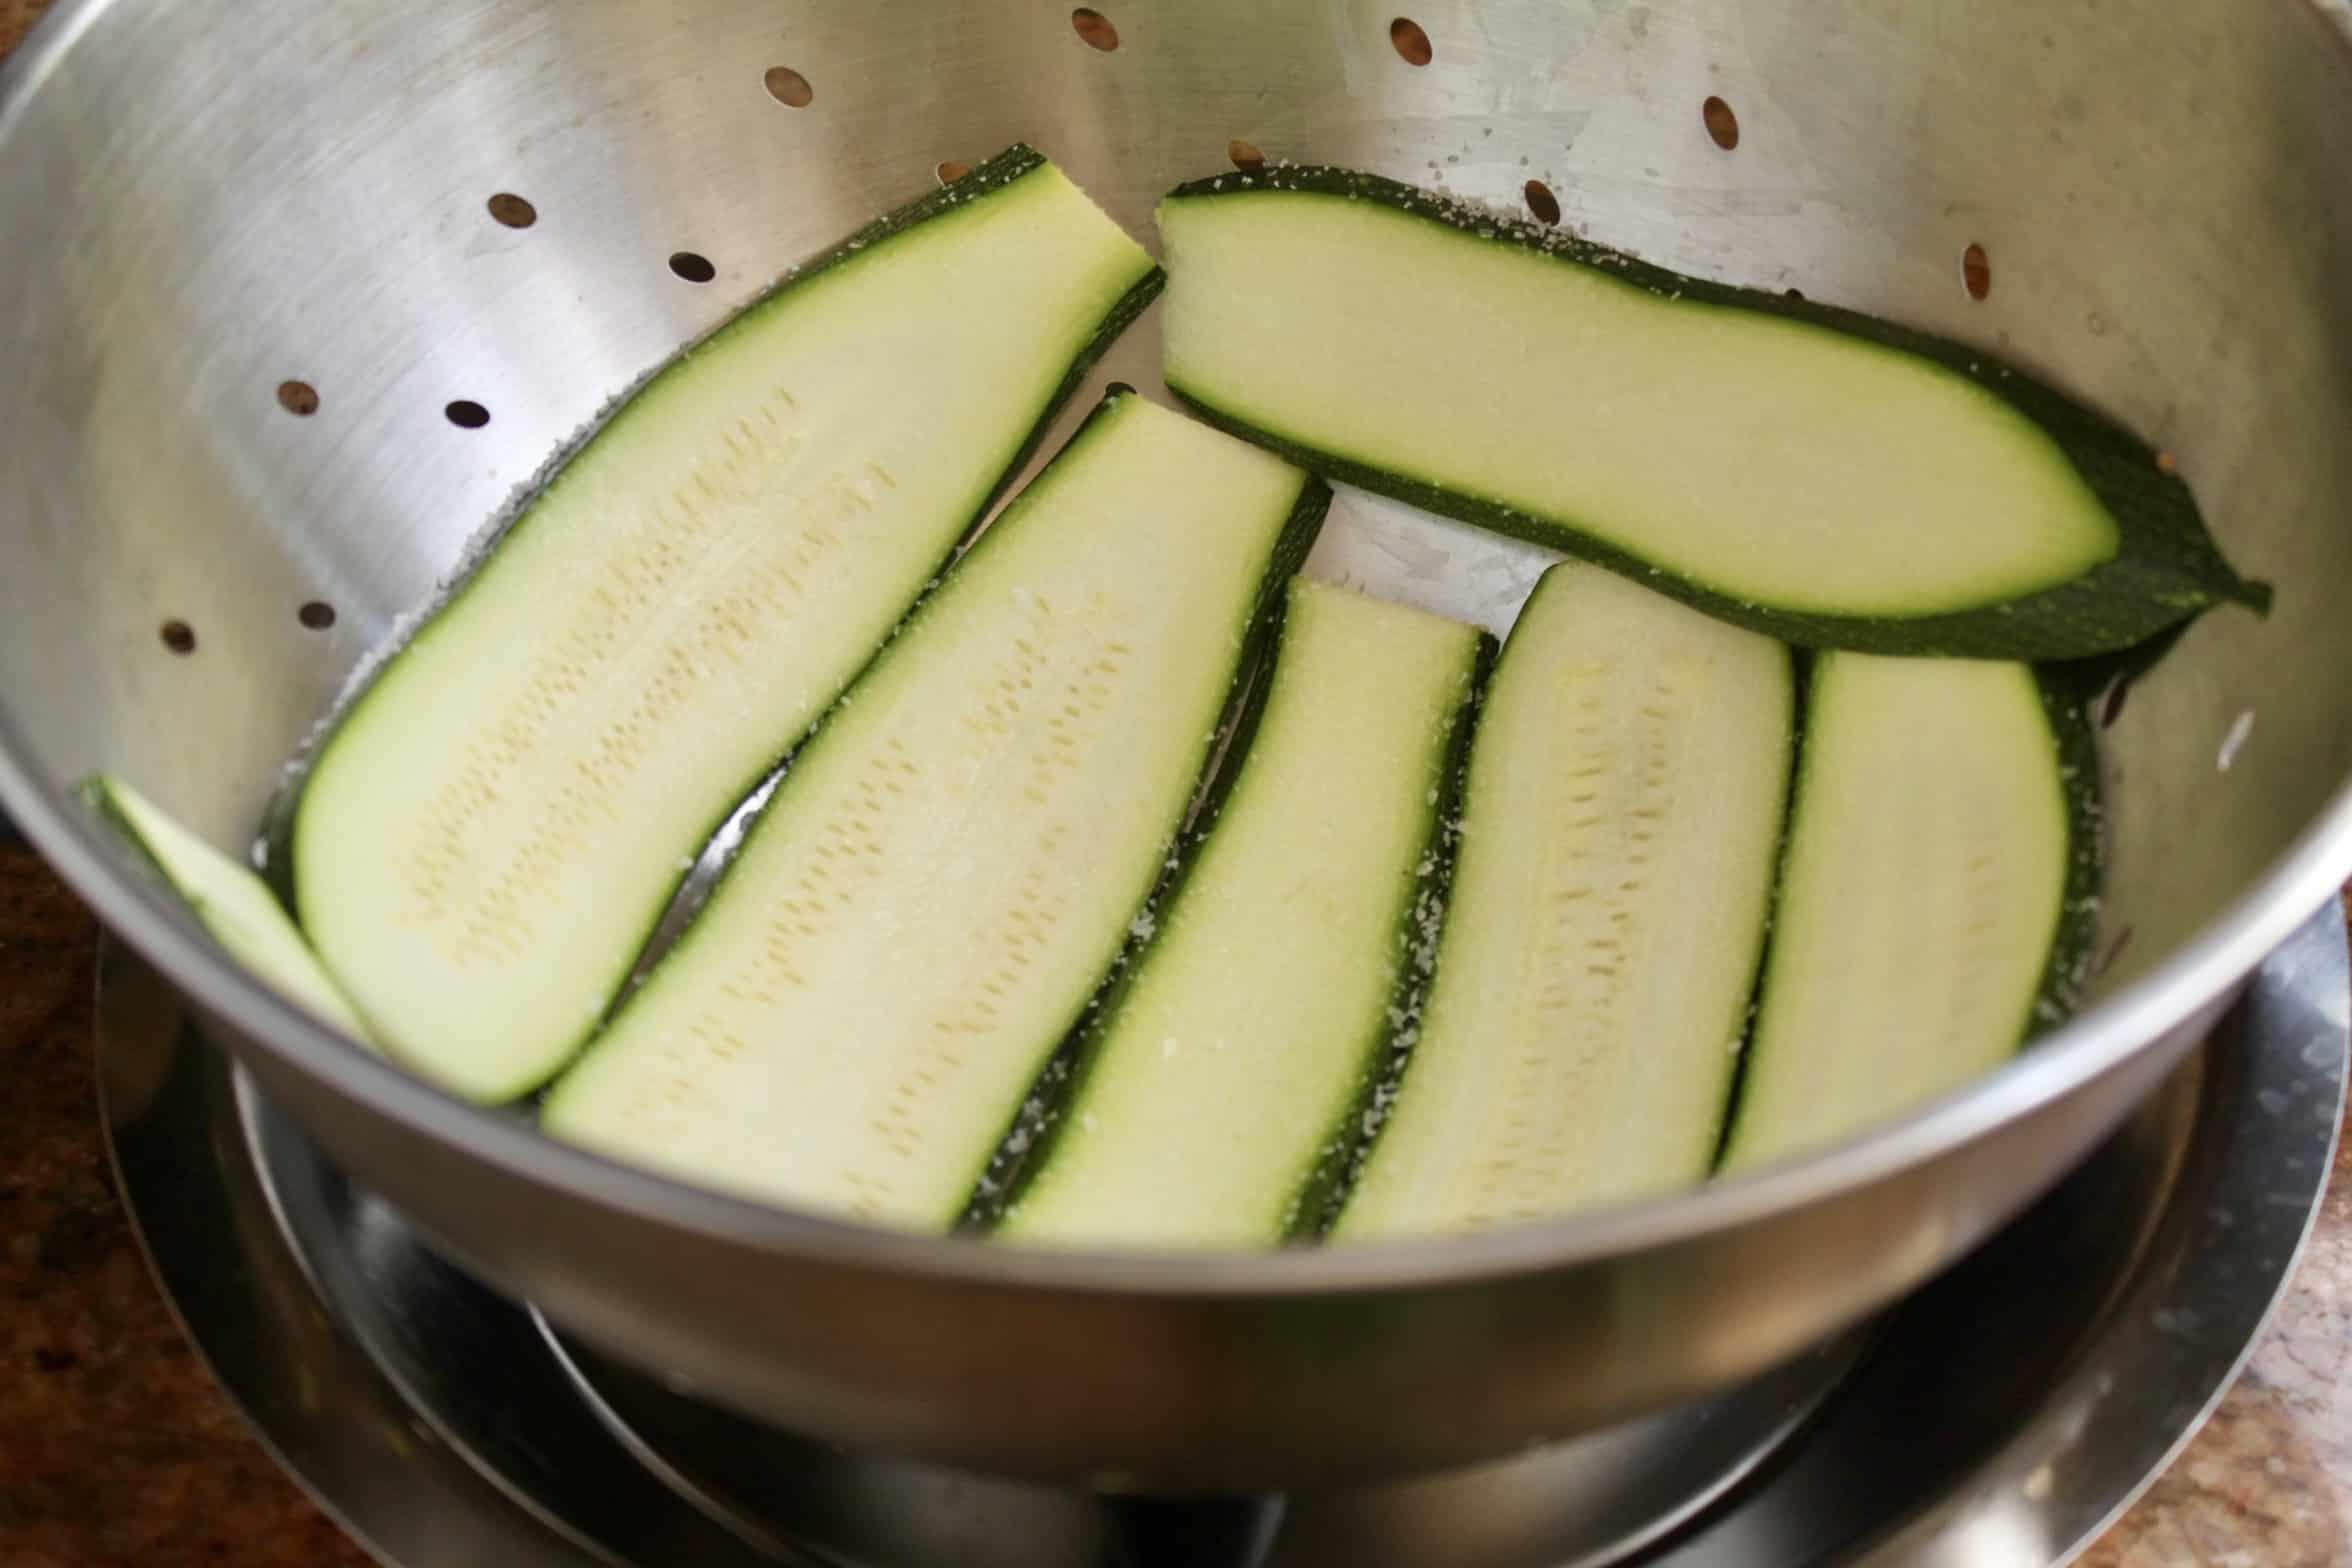 putting zucchini in a colander